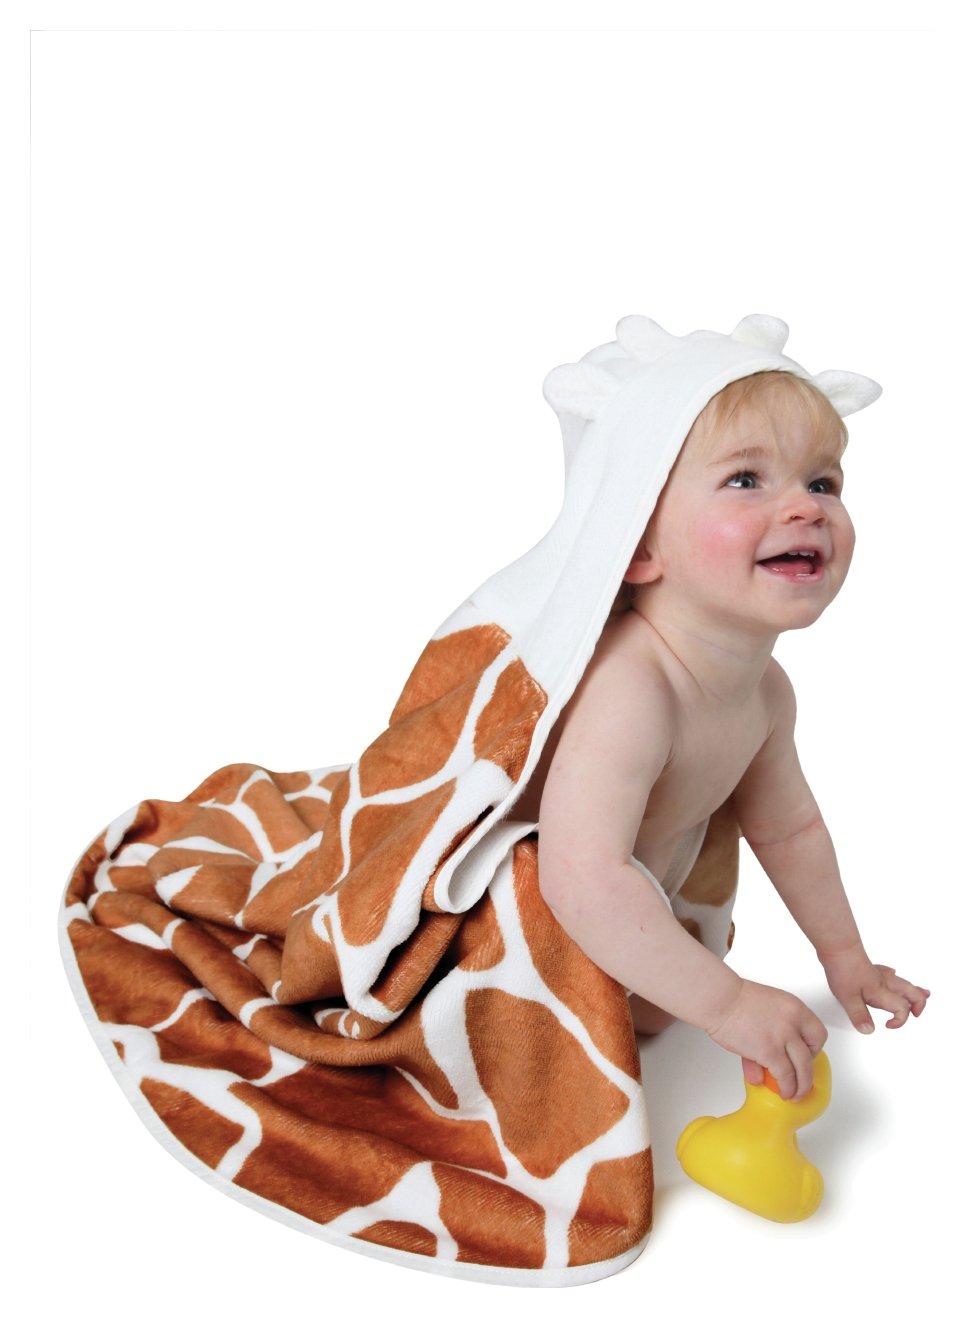 Image of Cuddledry - Toddler Towel Cuddle Safari